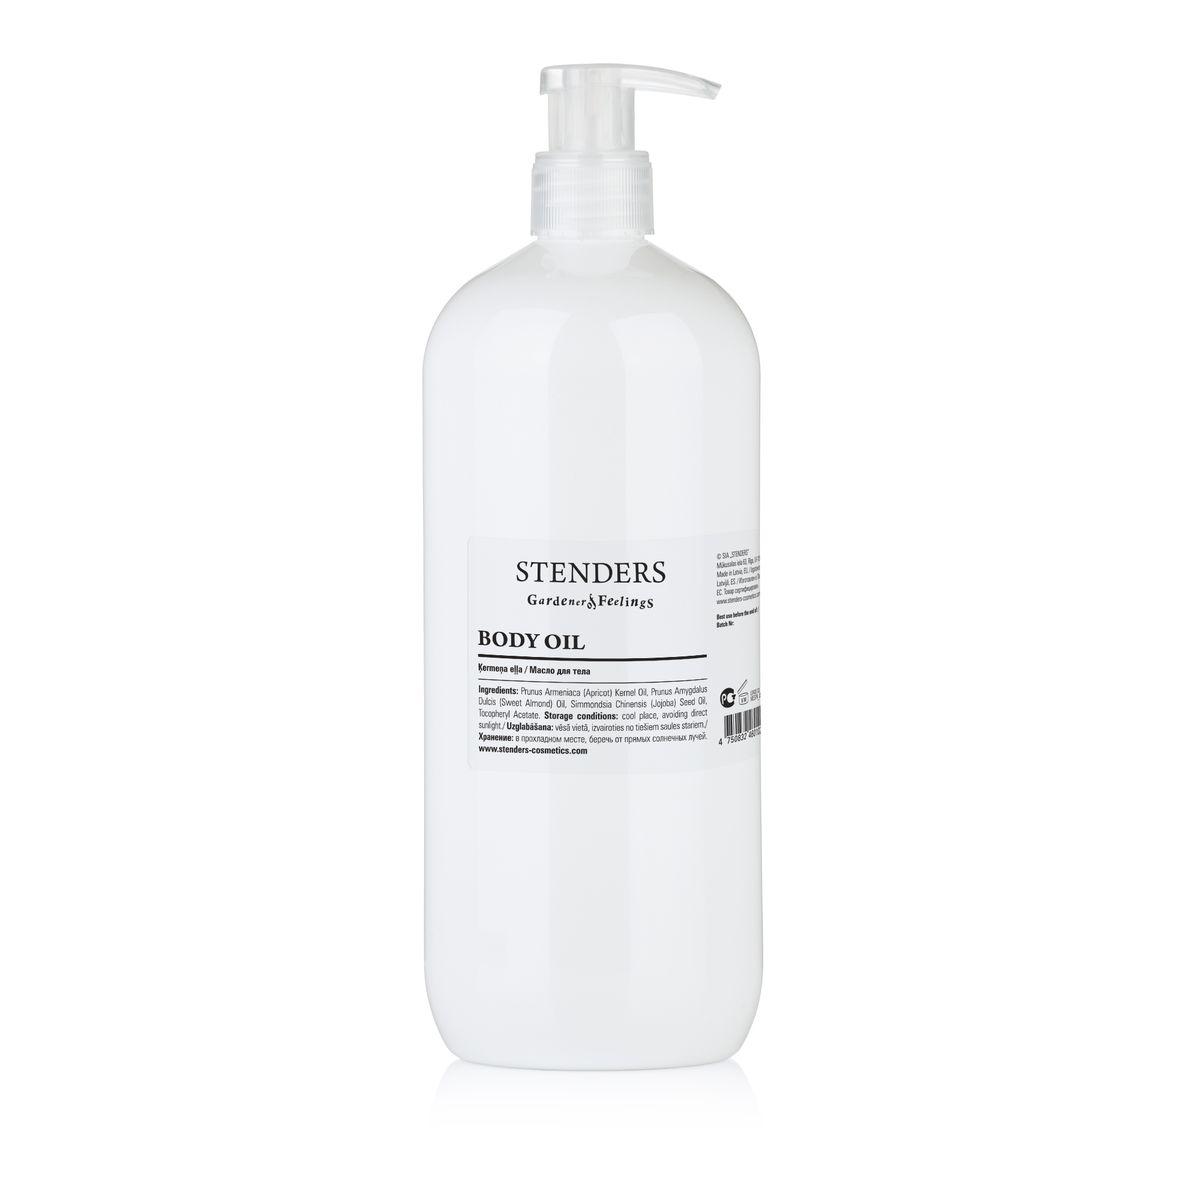 Stenders СПА-микс масел для тела 1 лBESPA_07_1Питательное масло для тела созданное из смеси масел абрикоса, сладкого миндаля и жожоба для ежедневного интенсивного ухода за телом. Масло не содержит: парабенов, силиконов, PEG, синтетических красителей и синтетических ароматизаторов.